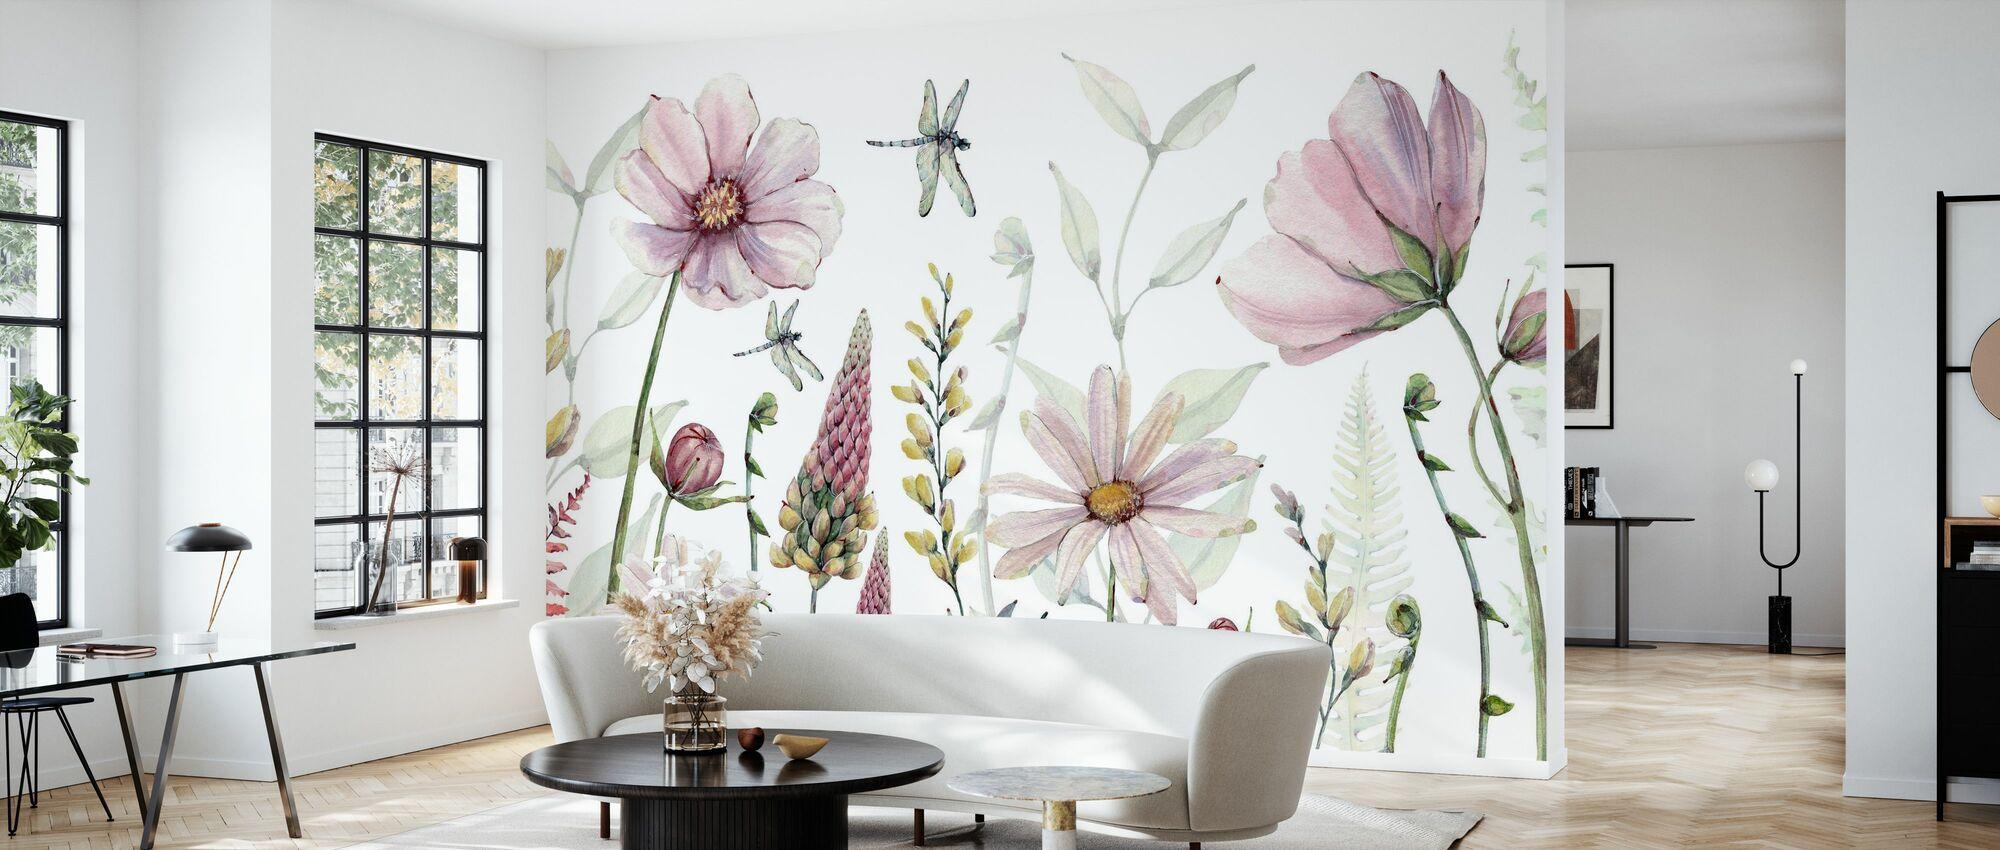 Fabelhafte Blumen - Tapete - Wohnzimmer